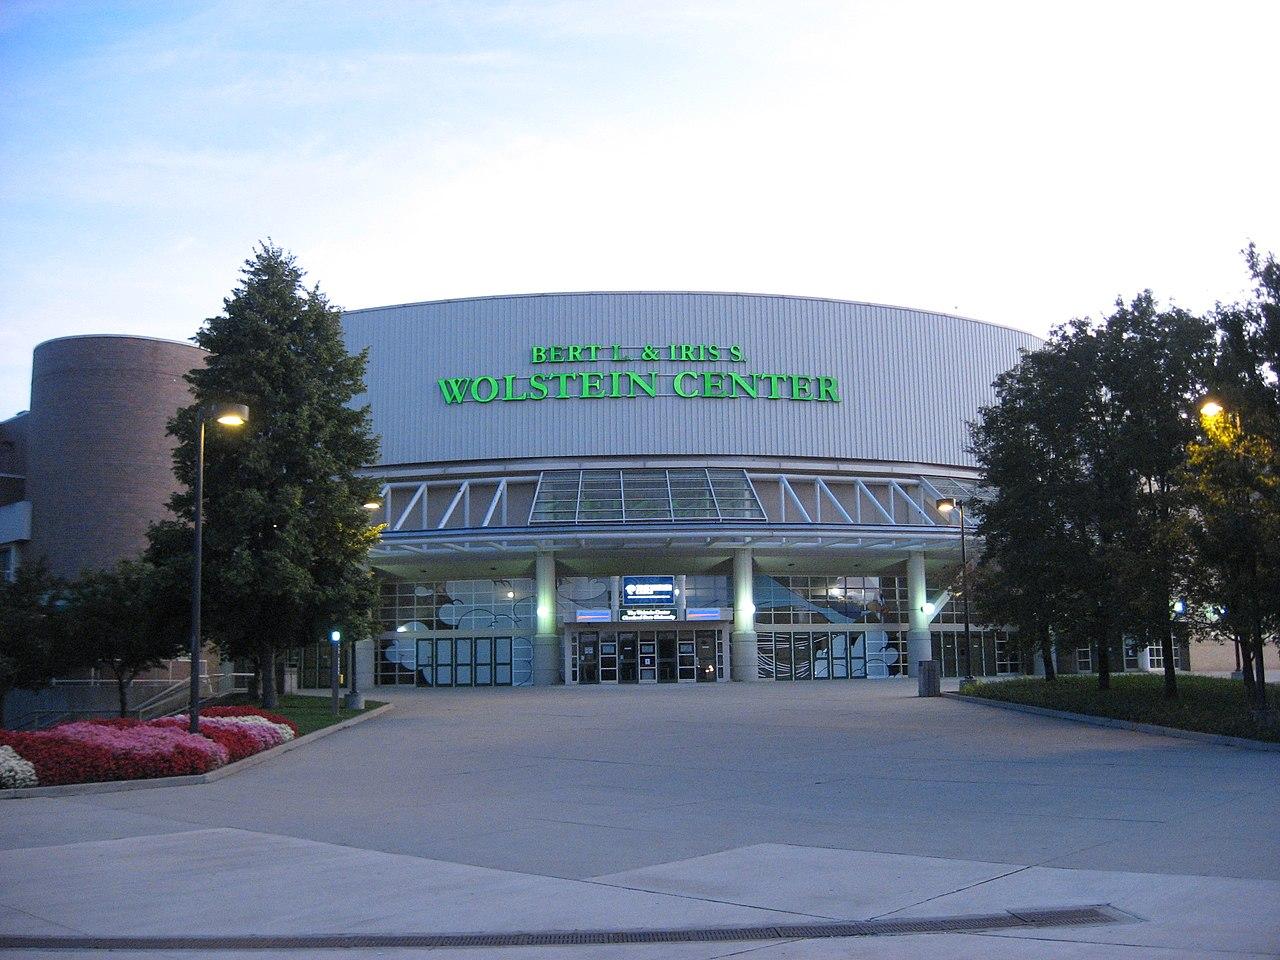 1280px-Wolstein_Center_Entrance.jpg